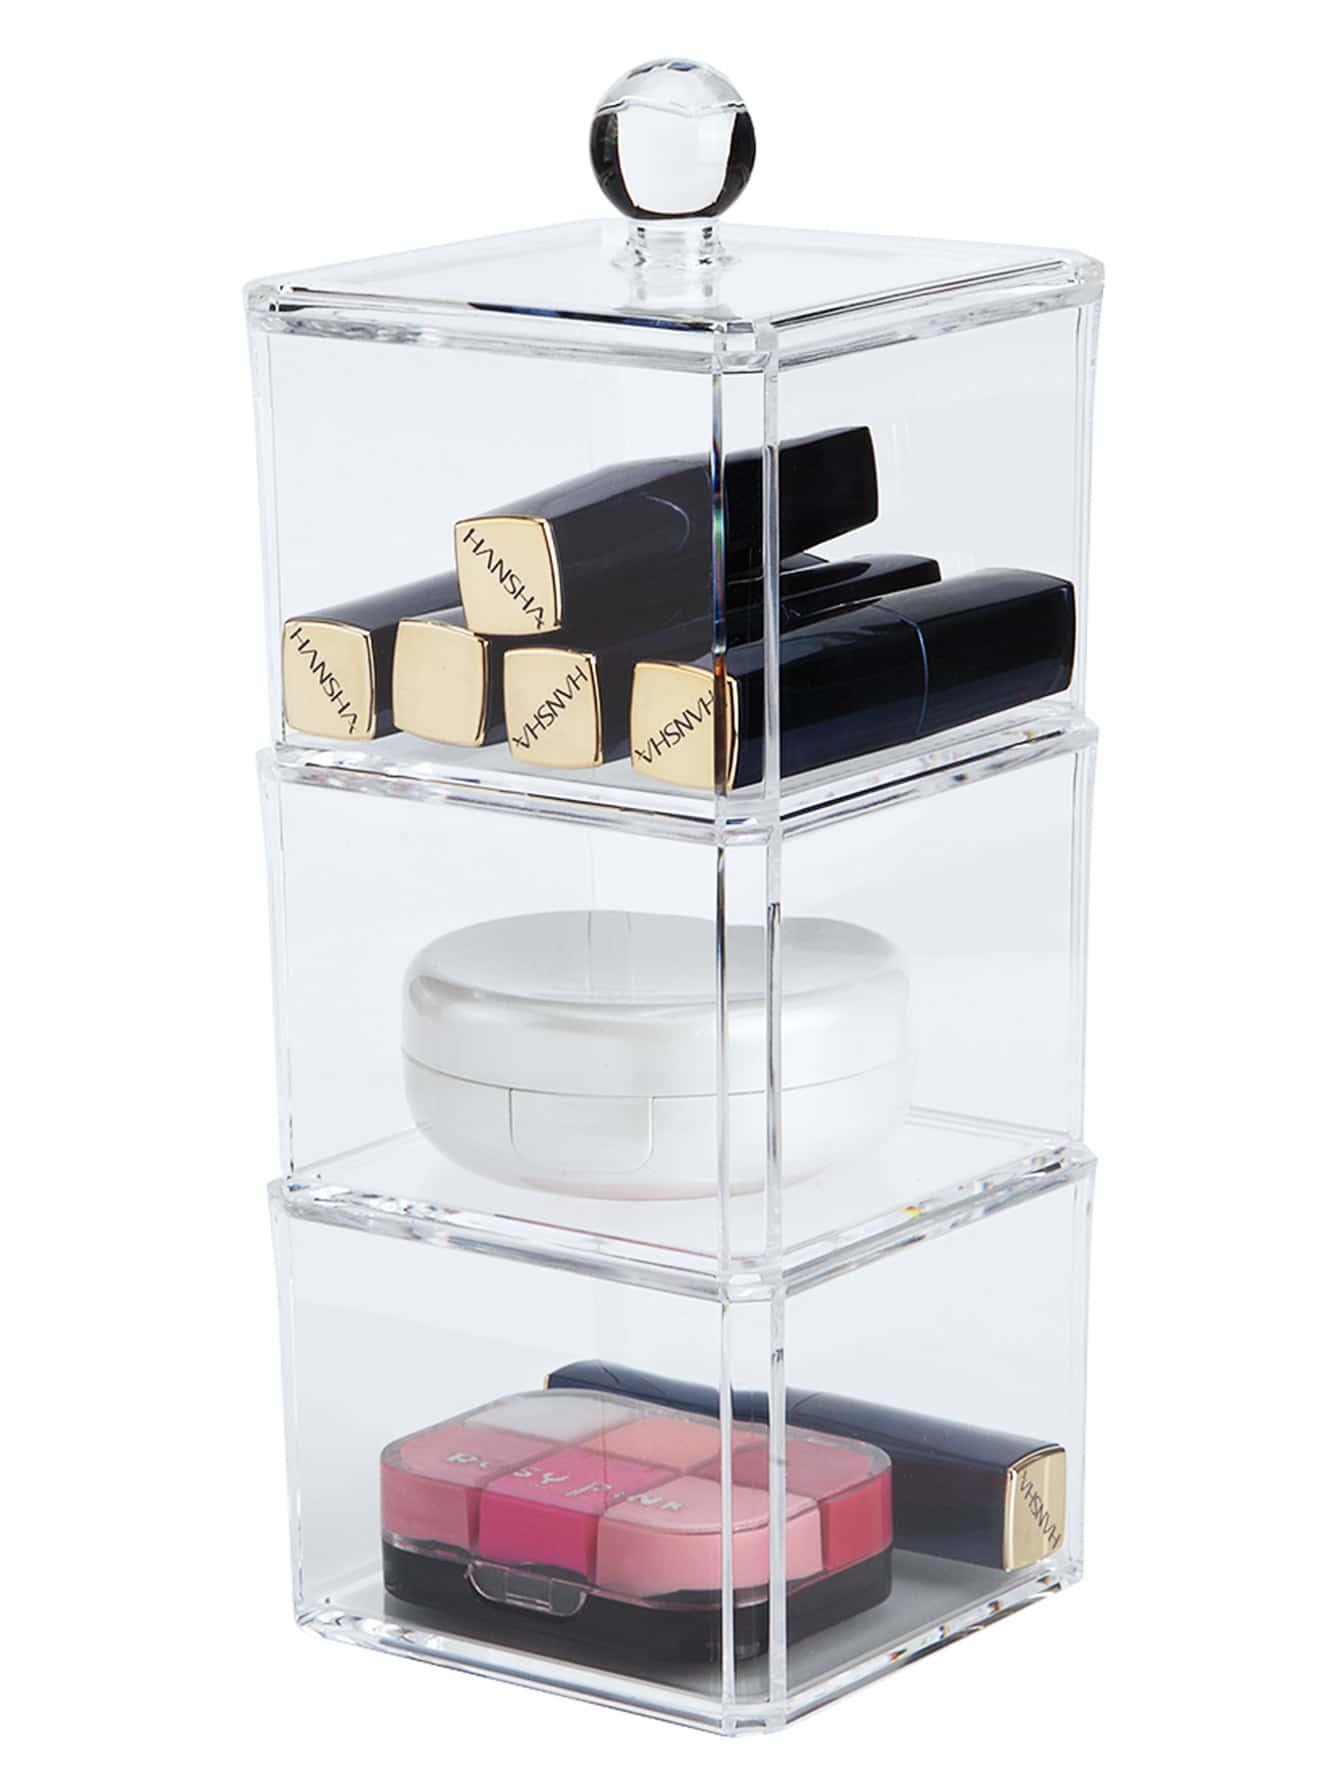 makeupbag170227302_2